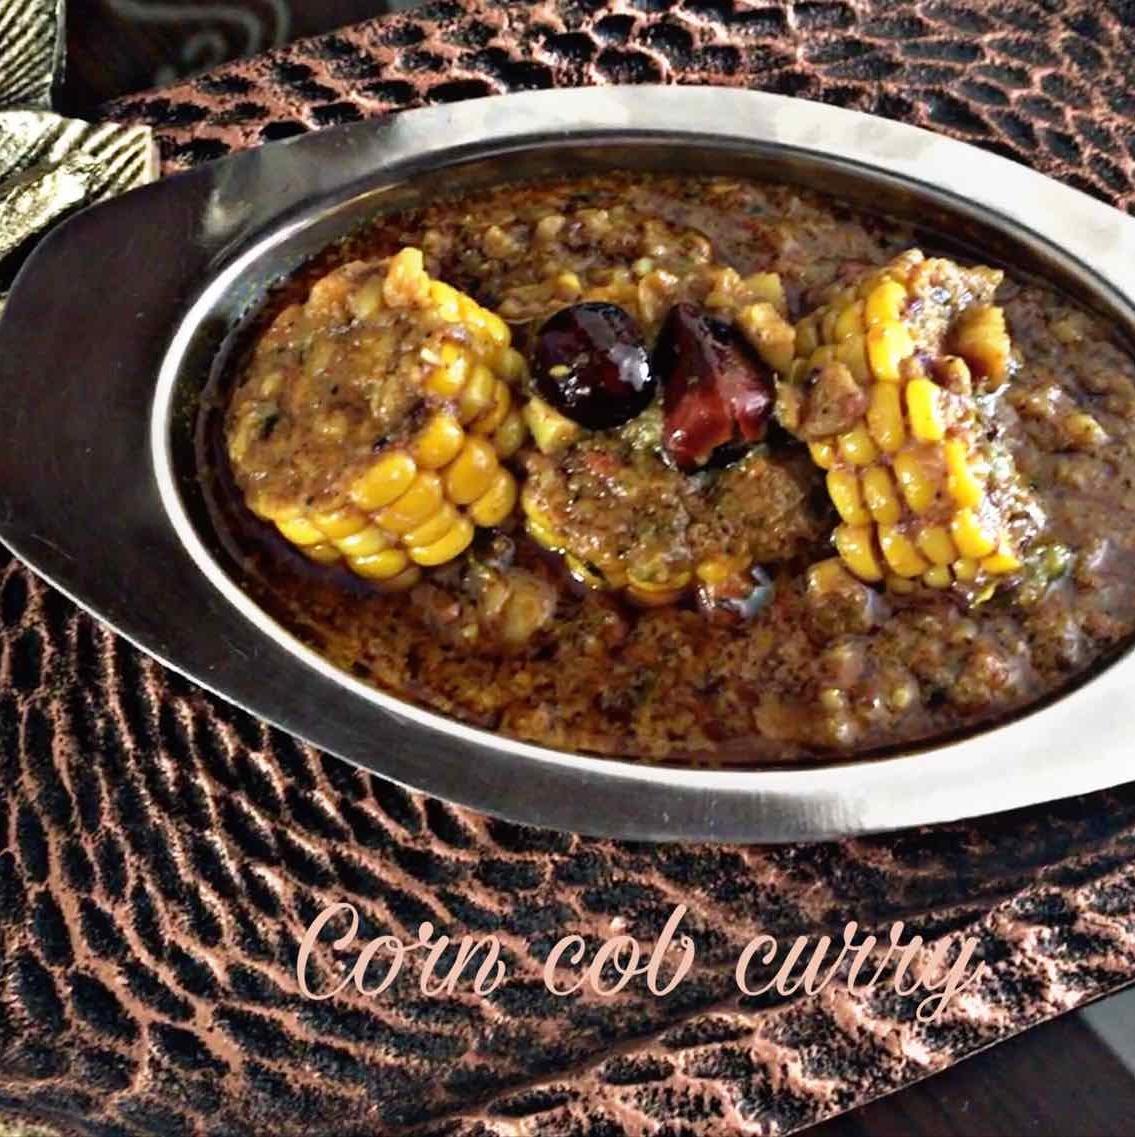 How to make Corn cob curry